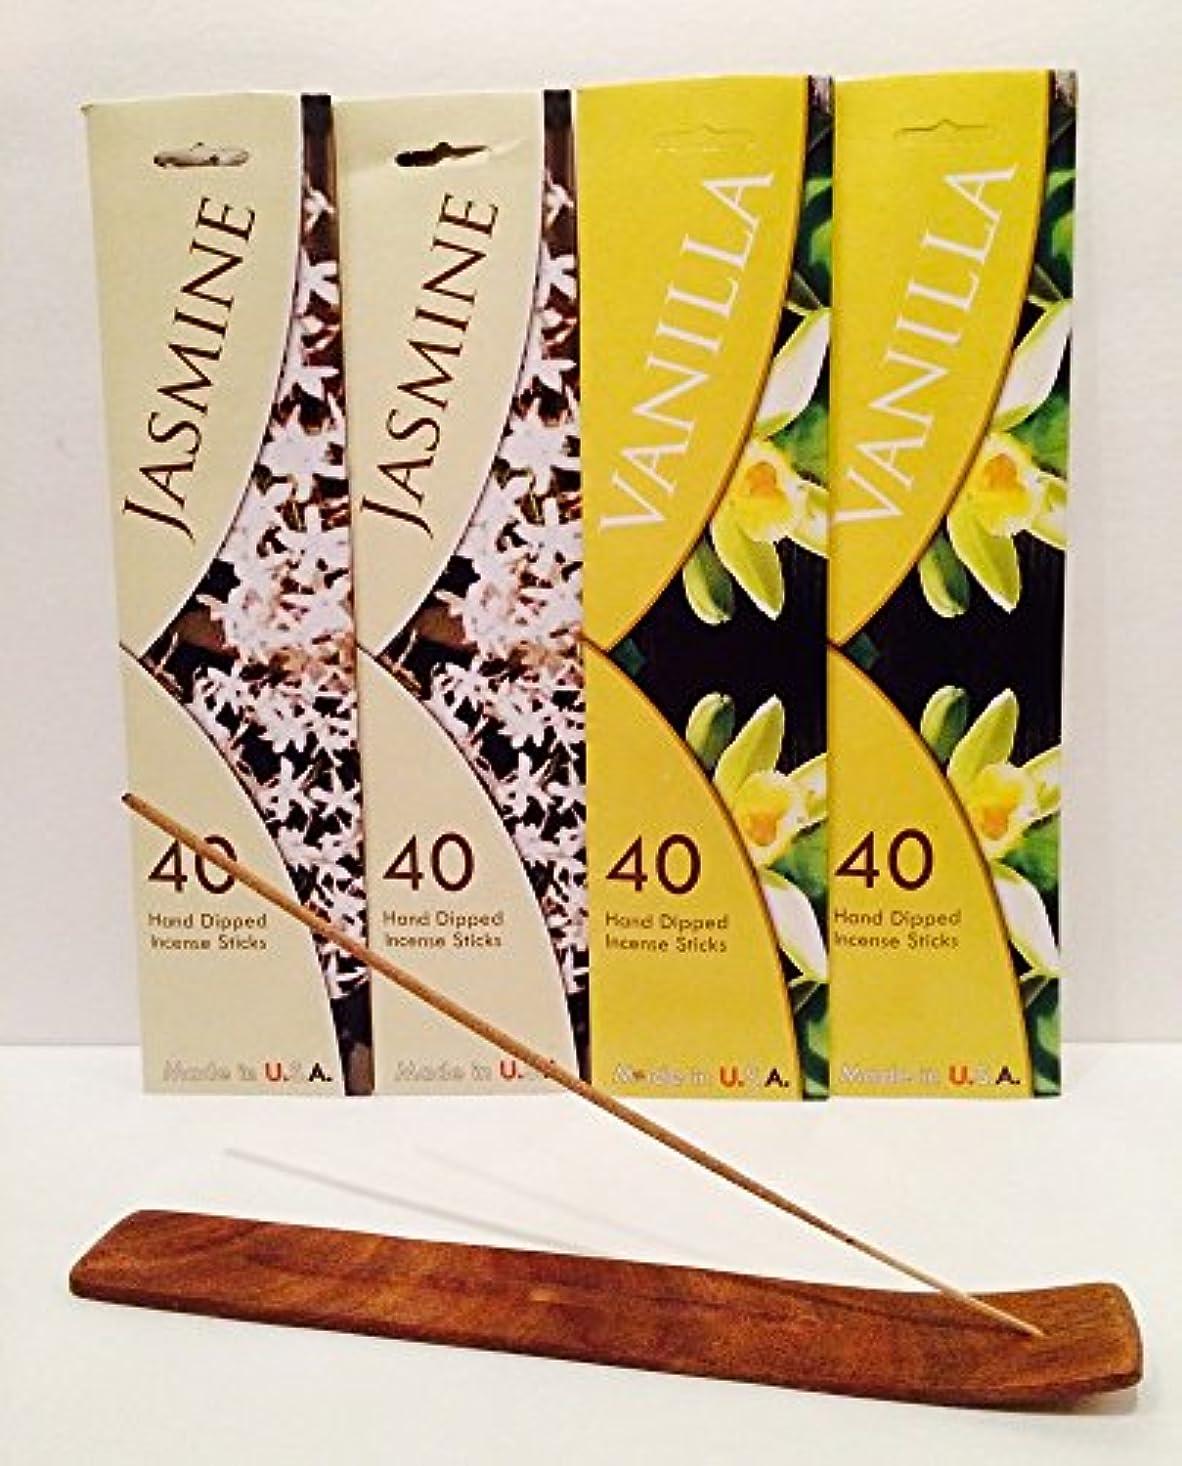 枯れる決定時制160 Incense Sticks Variety Pack w /木製お香スティックバーナーホルダーfor Relaxation、Stress Relief